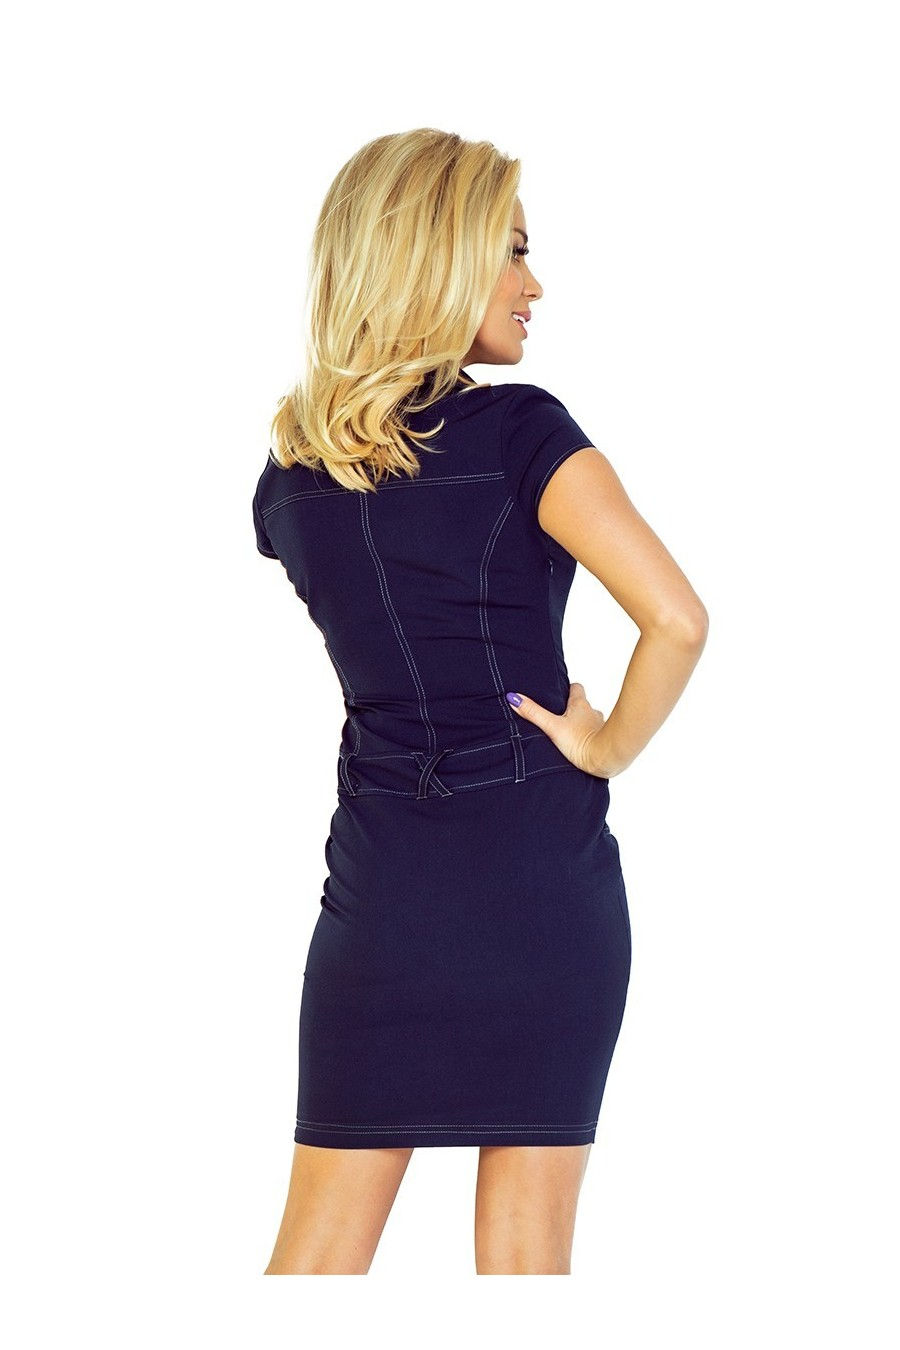 Šaty s knoflíky - tmave modrá 142-2